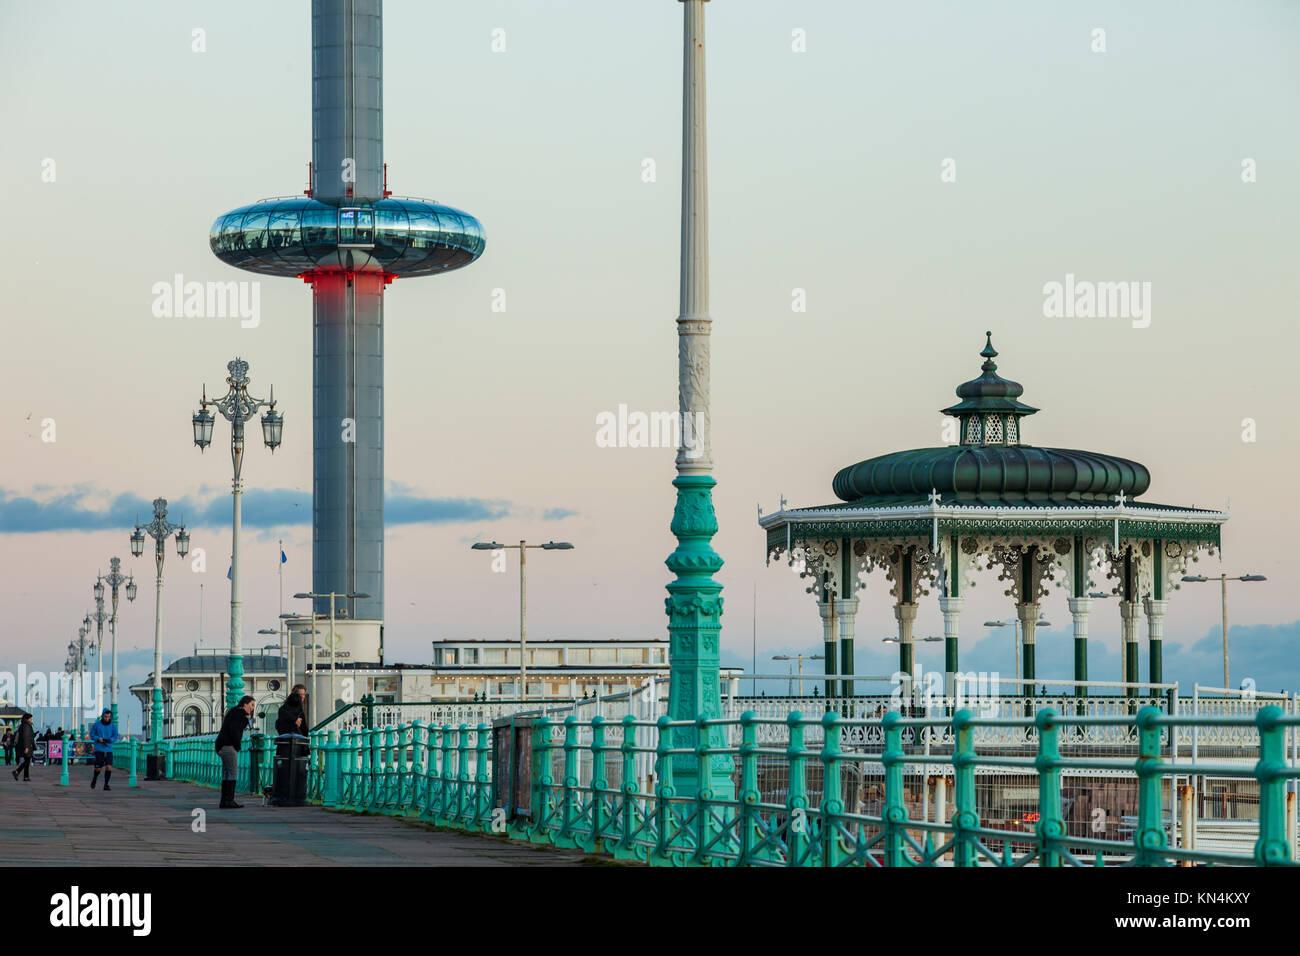 Soirée d'hiver sur le front de mer de Brighton, UK. Photo Stock